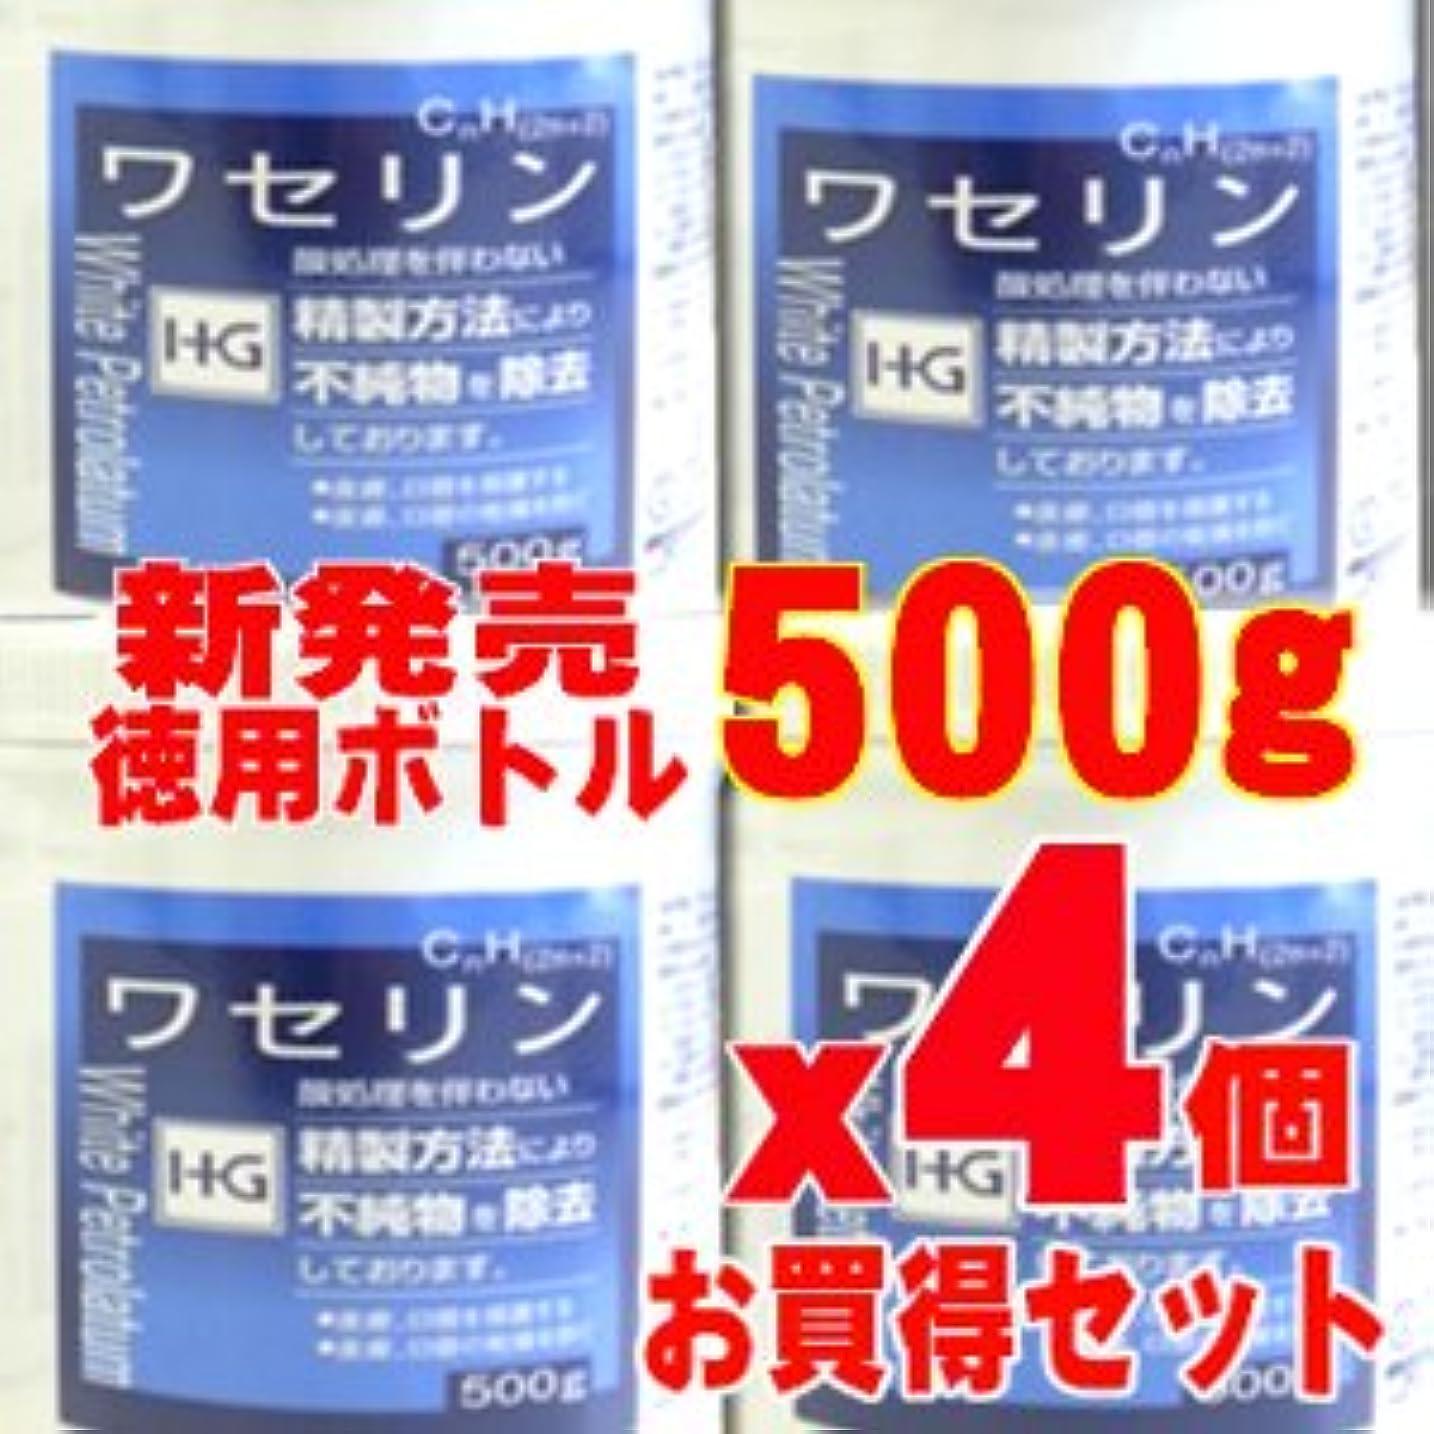 カート認識ヒット【敏感肌の方に最適!】皮膚保護 ワセリンHG 徳用500gx4個セット